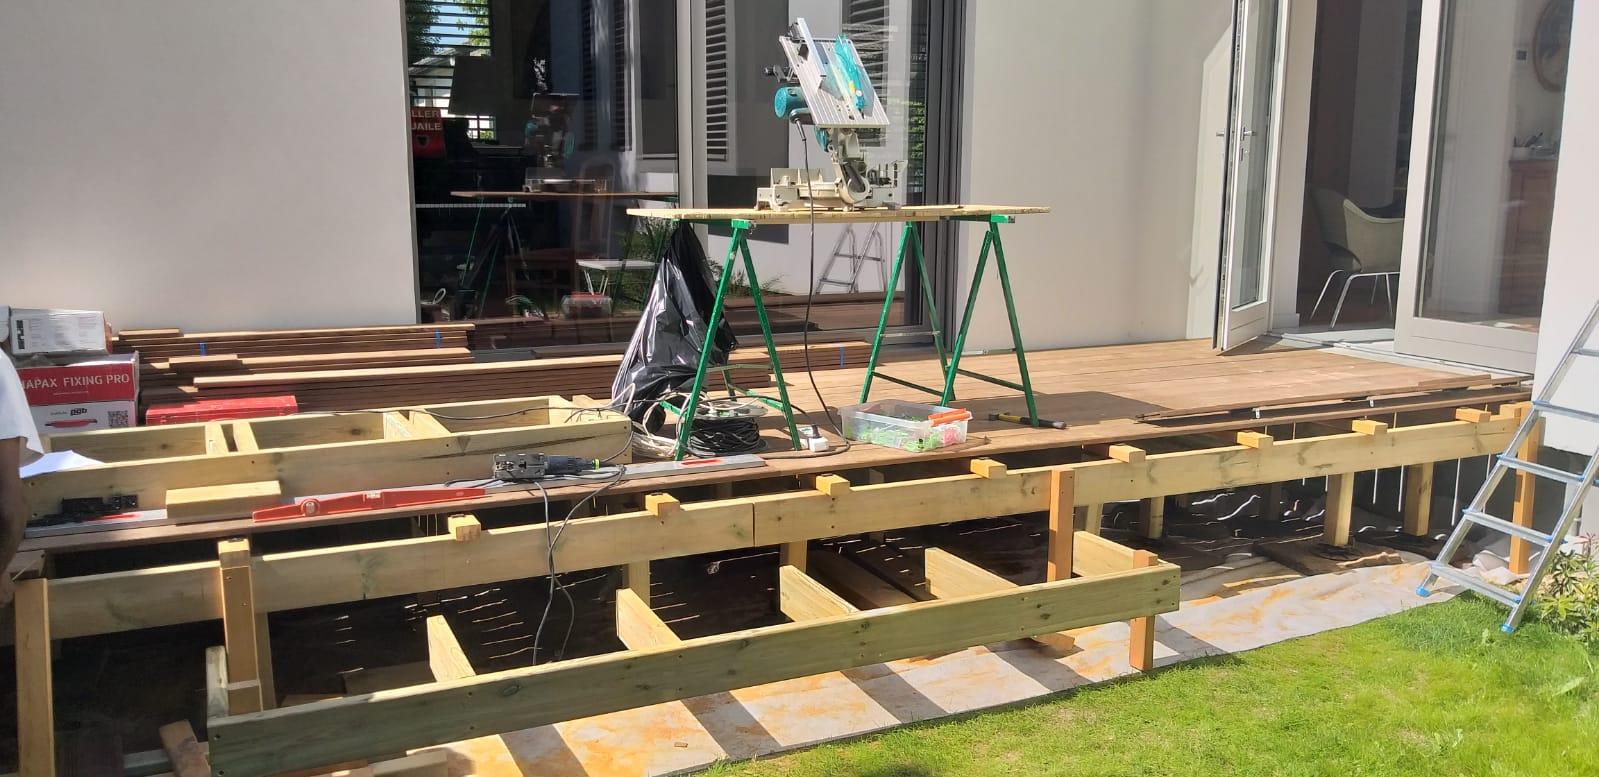 Matériel de travaux de menuisier posé sur une terrasse en construction